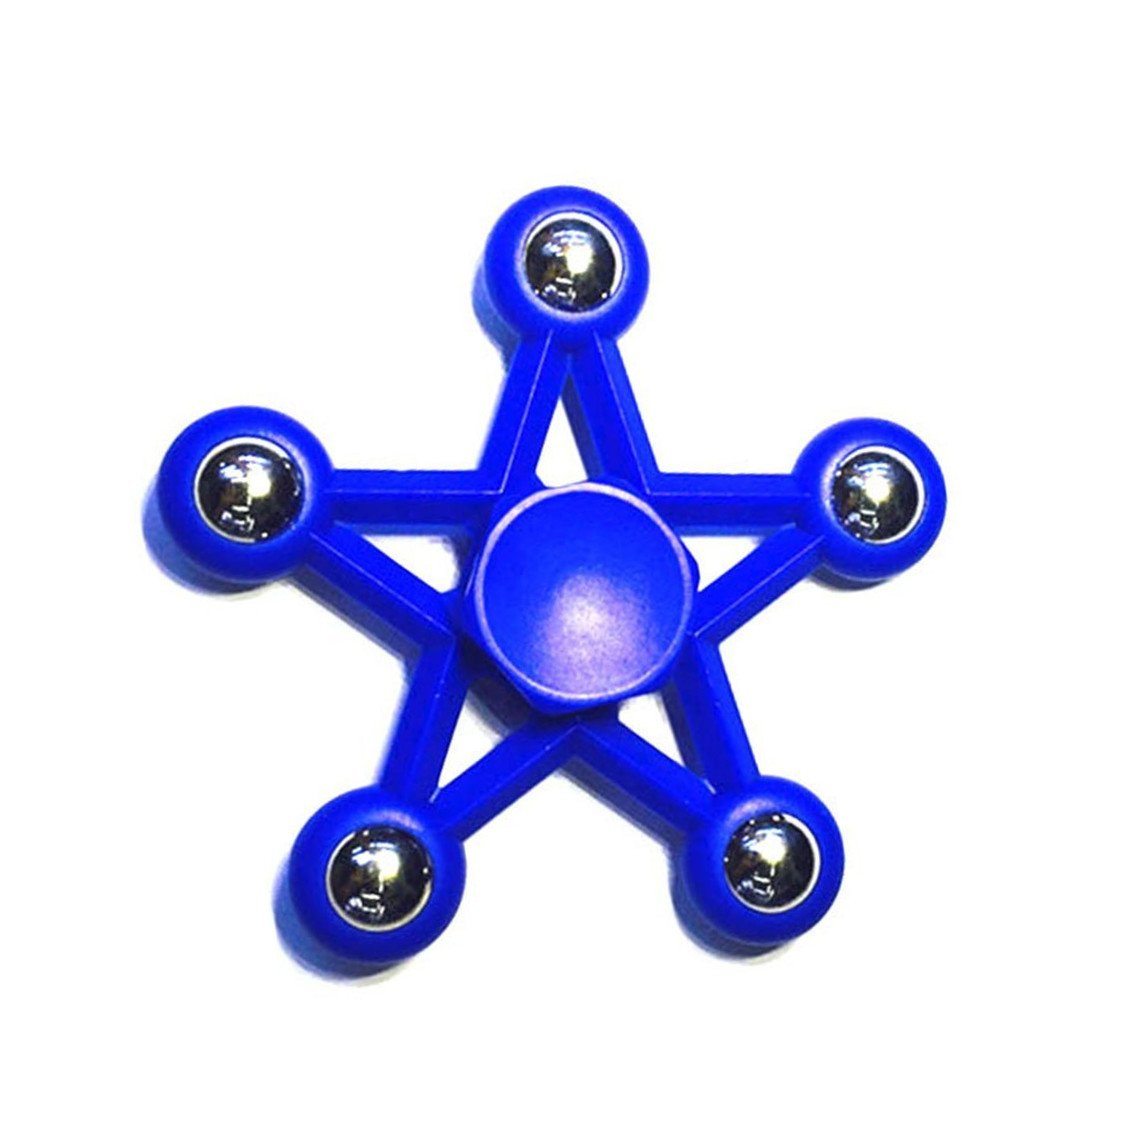 sterne Spinner Fidget, kunststoff - und edelstahl - perlen hand kreisel Spielzeug EDC ADHD Angst Autismus Fokus lindert Stress Anti Stress Spielzeug drehen für 1 - 5 minuten. (Blue)